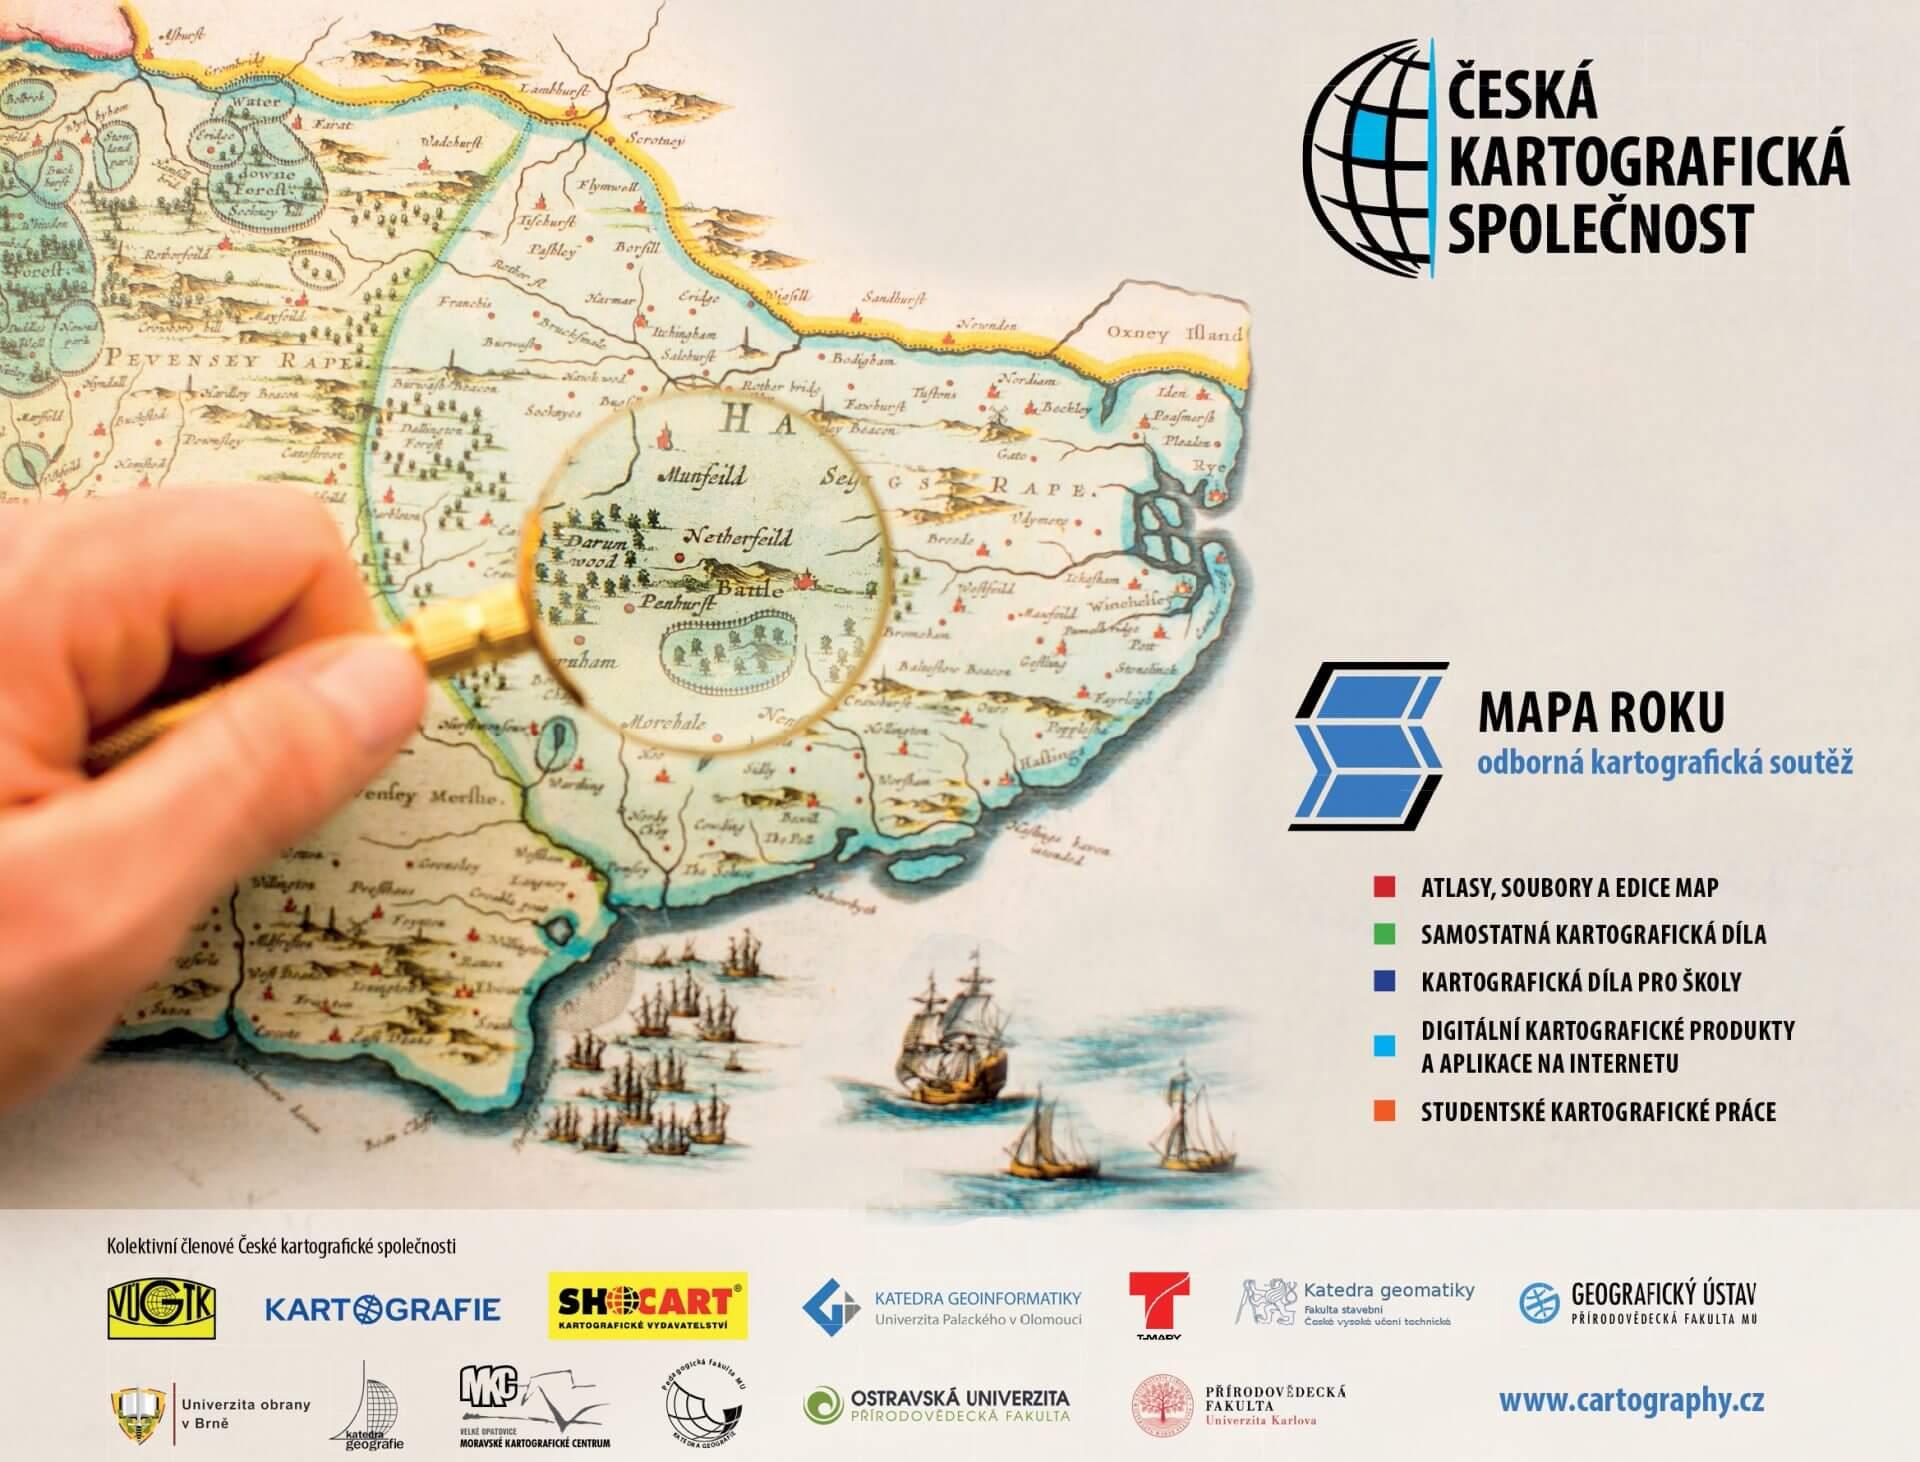 Kartografická soutěž Mapa roku